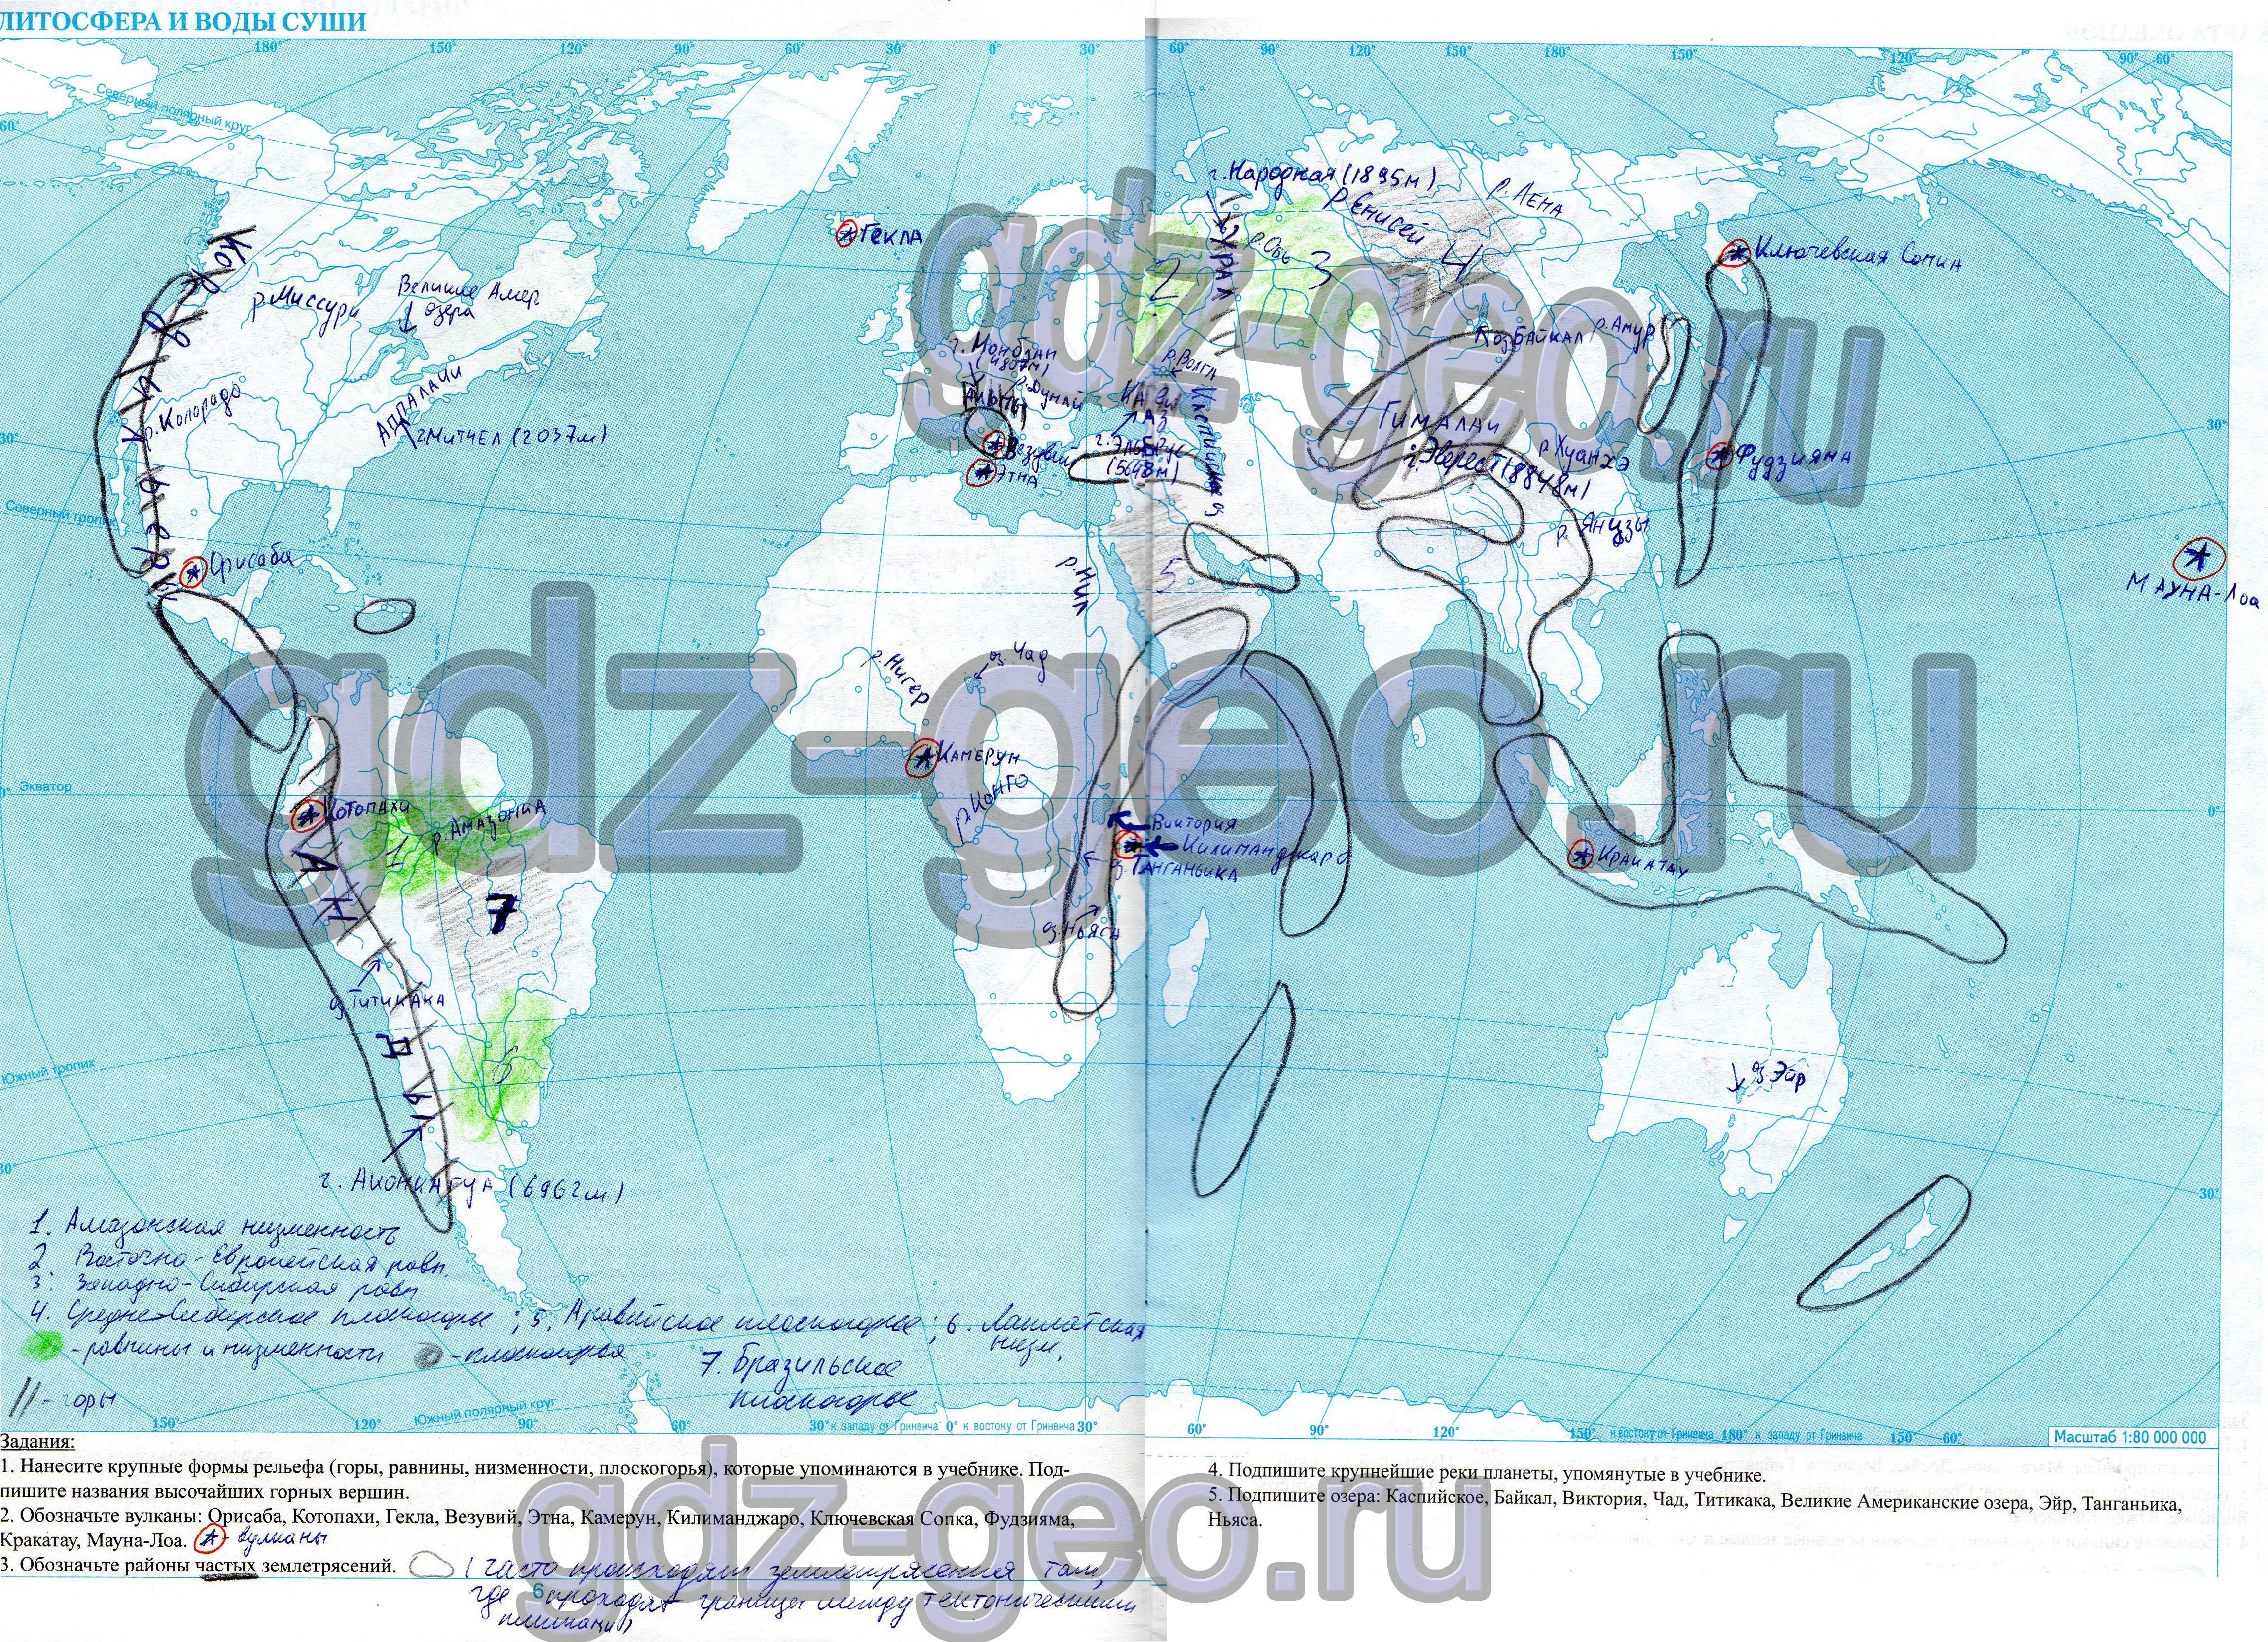 Гдз по контурным картам география 6